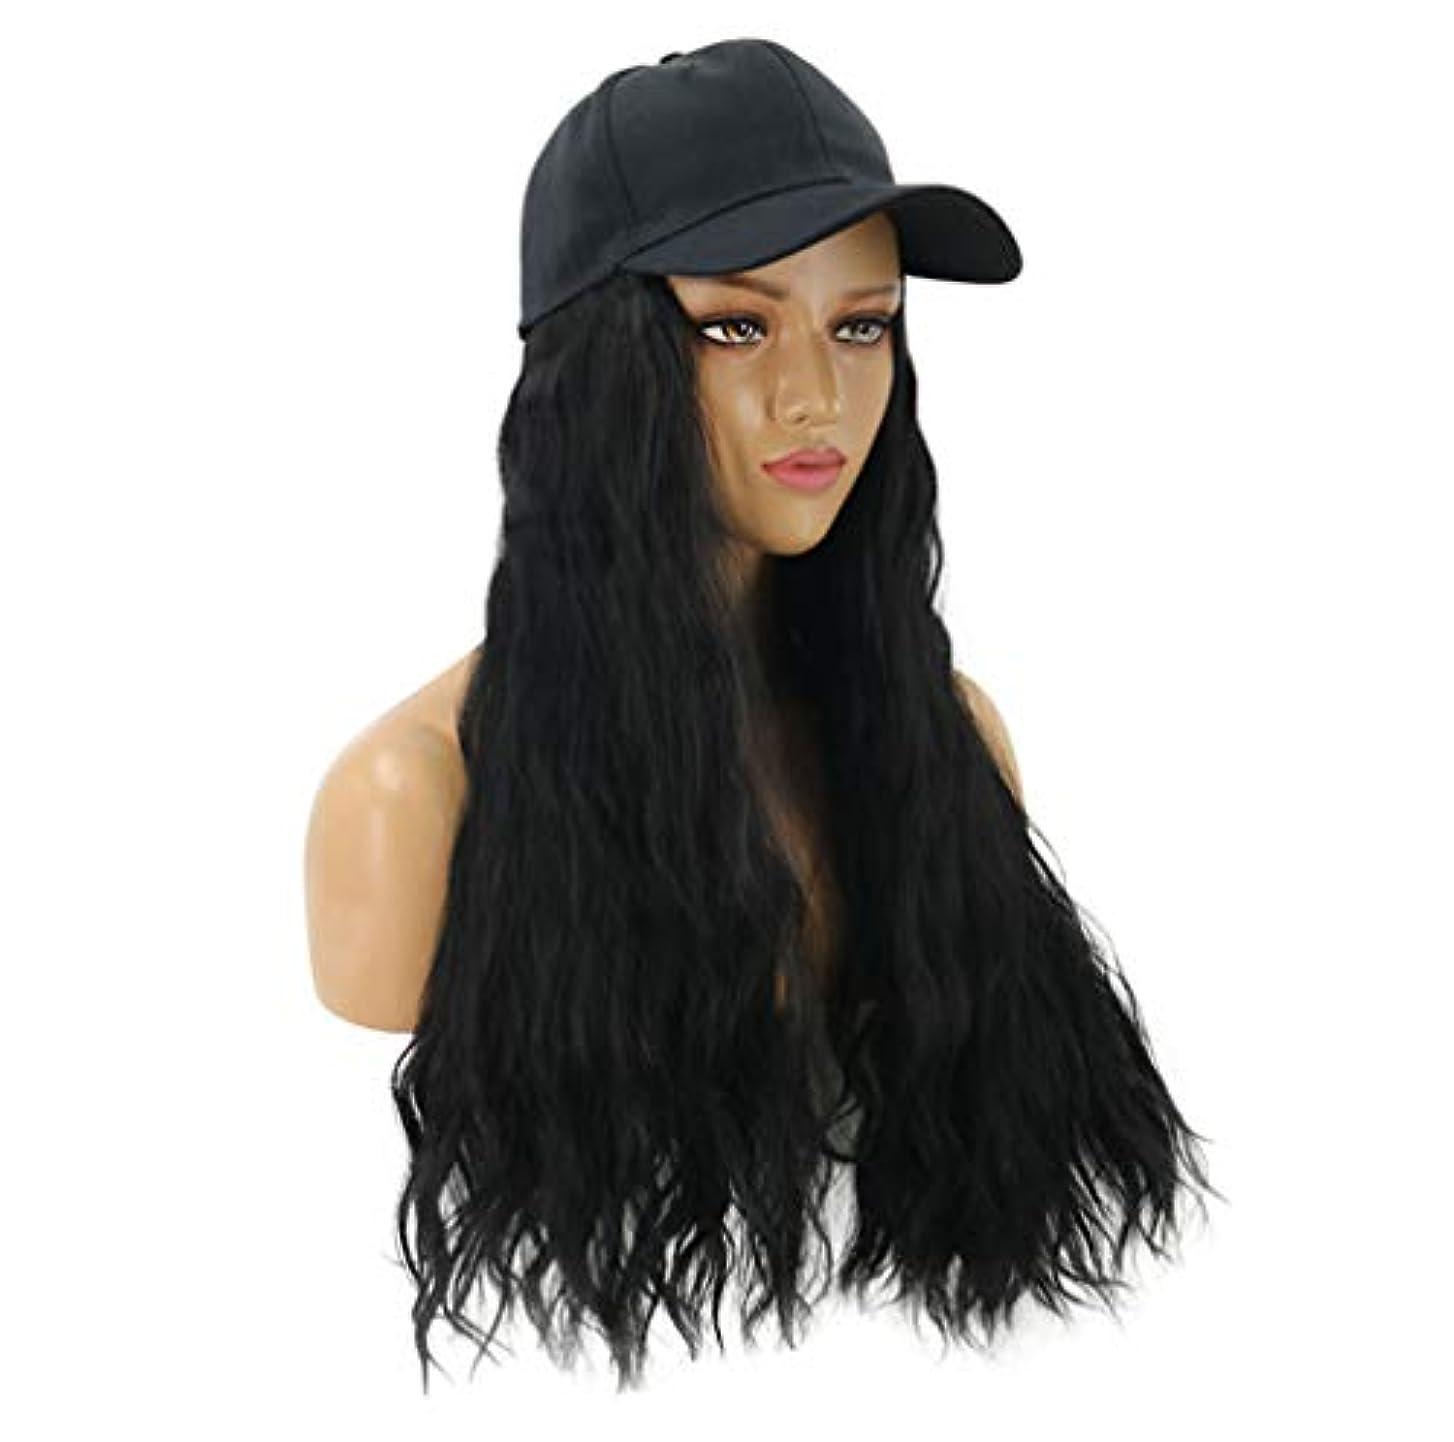 悔い改め好む溶融女性クリエイティブロングカーリー波状高温シルクシルクフード付き黒かつら野球キャップロングヘア野球キャップボールキャップカジュアル帽子かつら